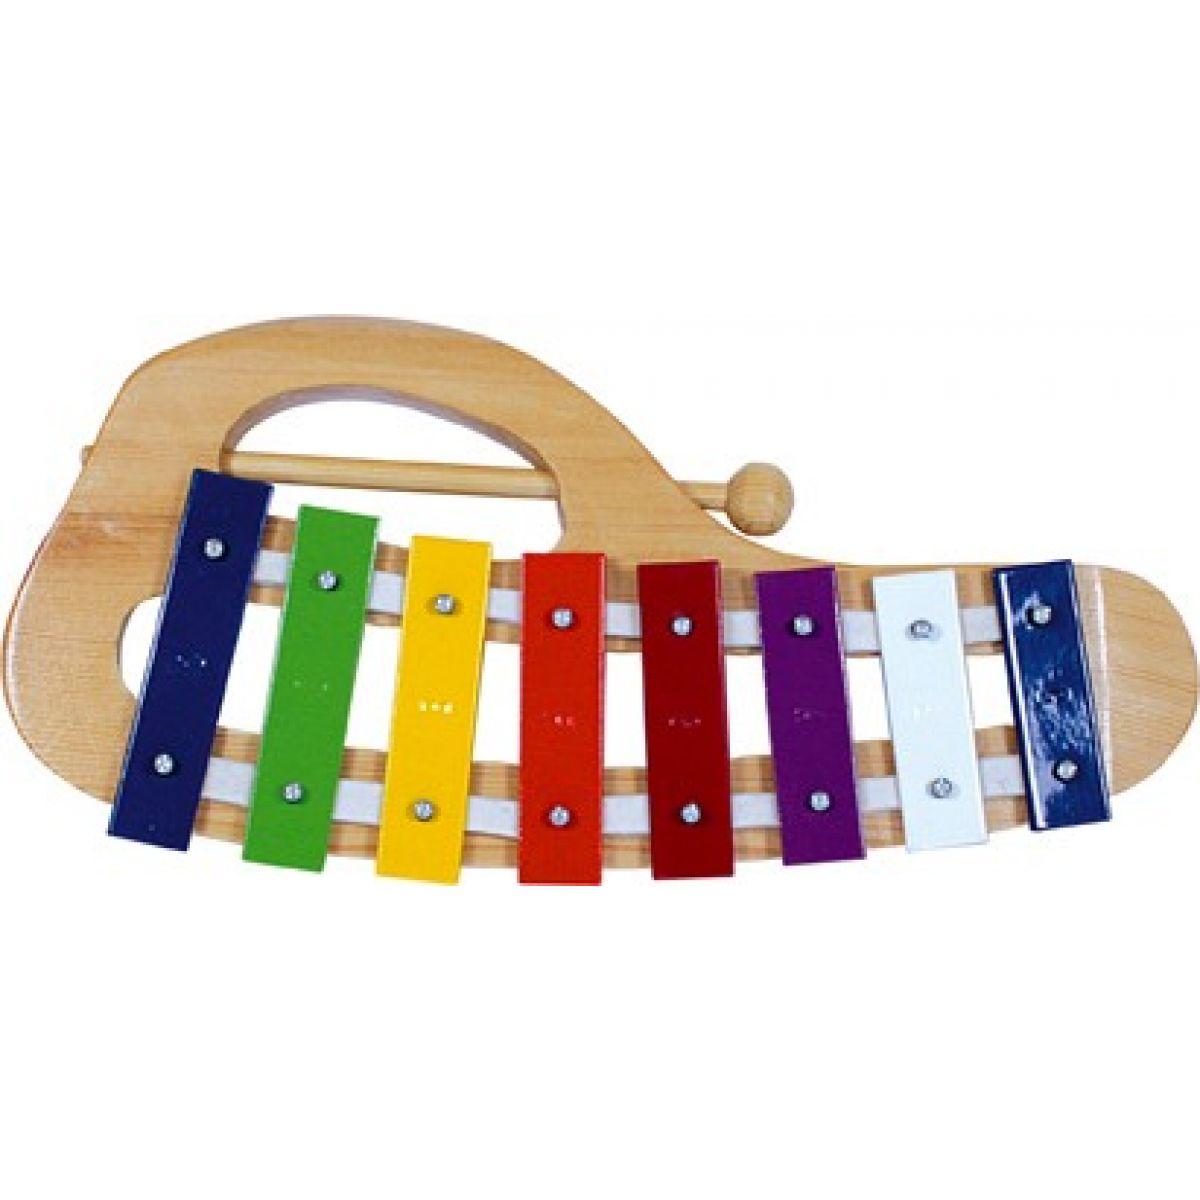 Bino oblúkový xylofón